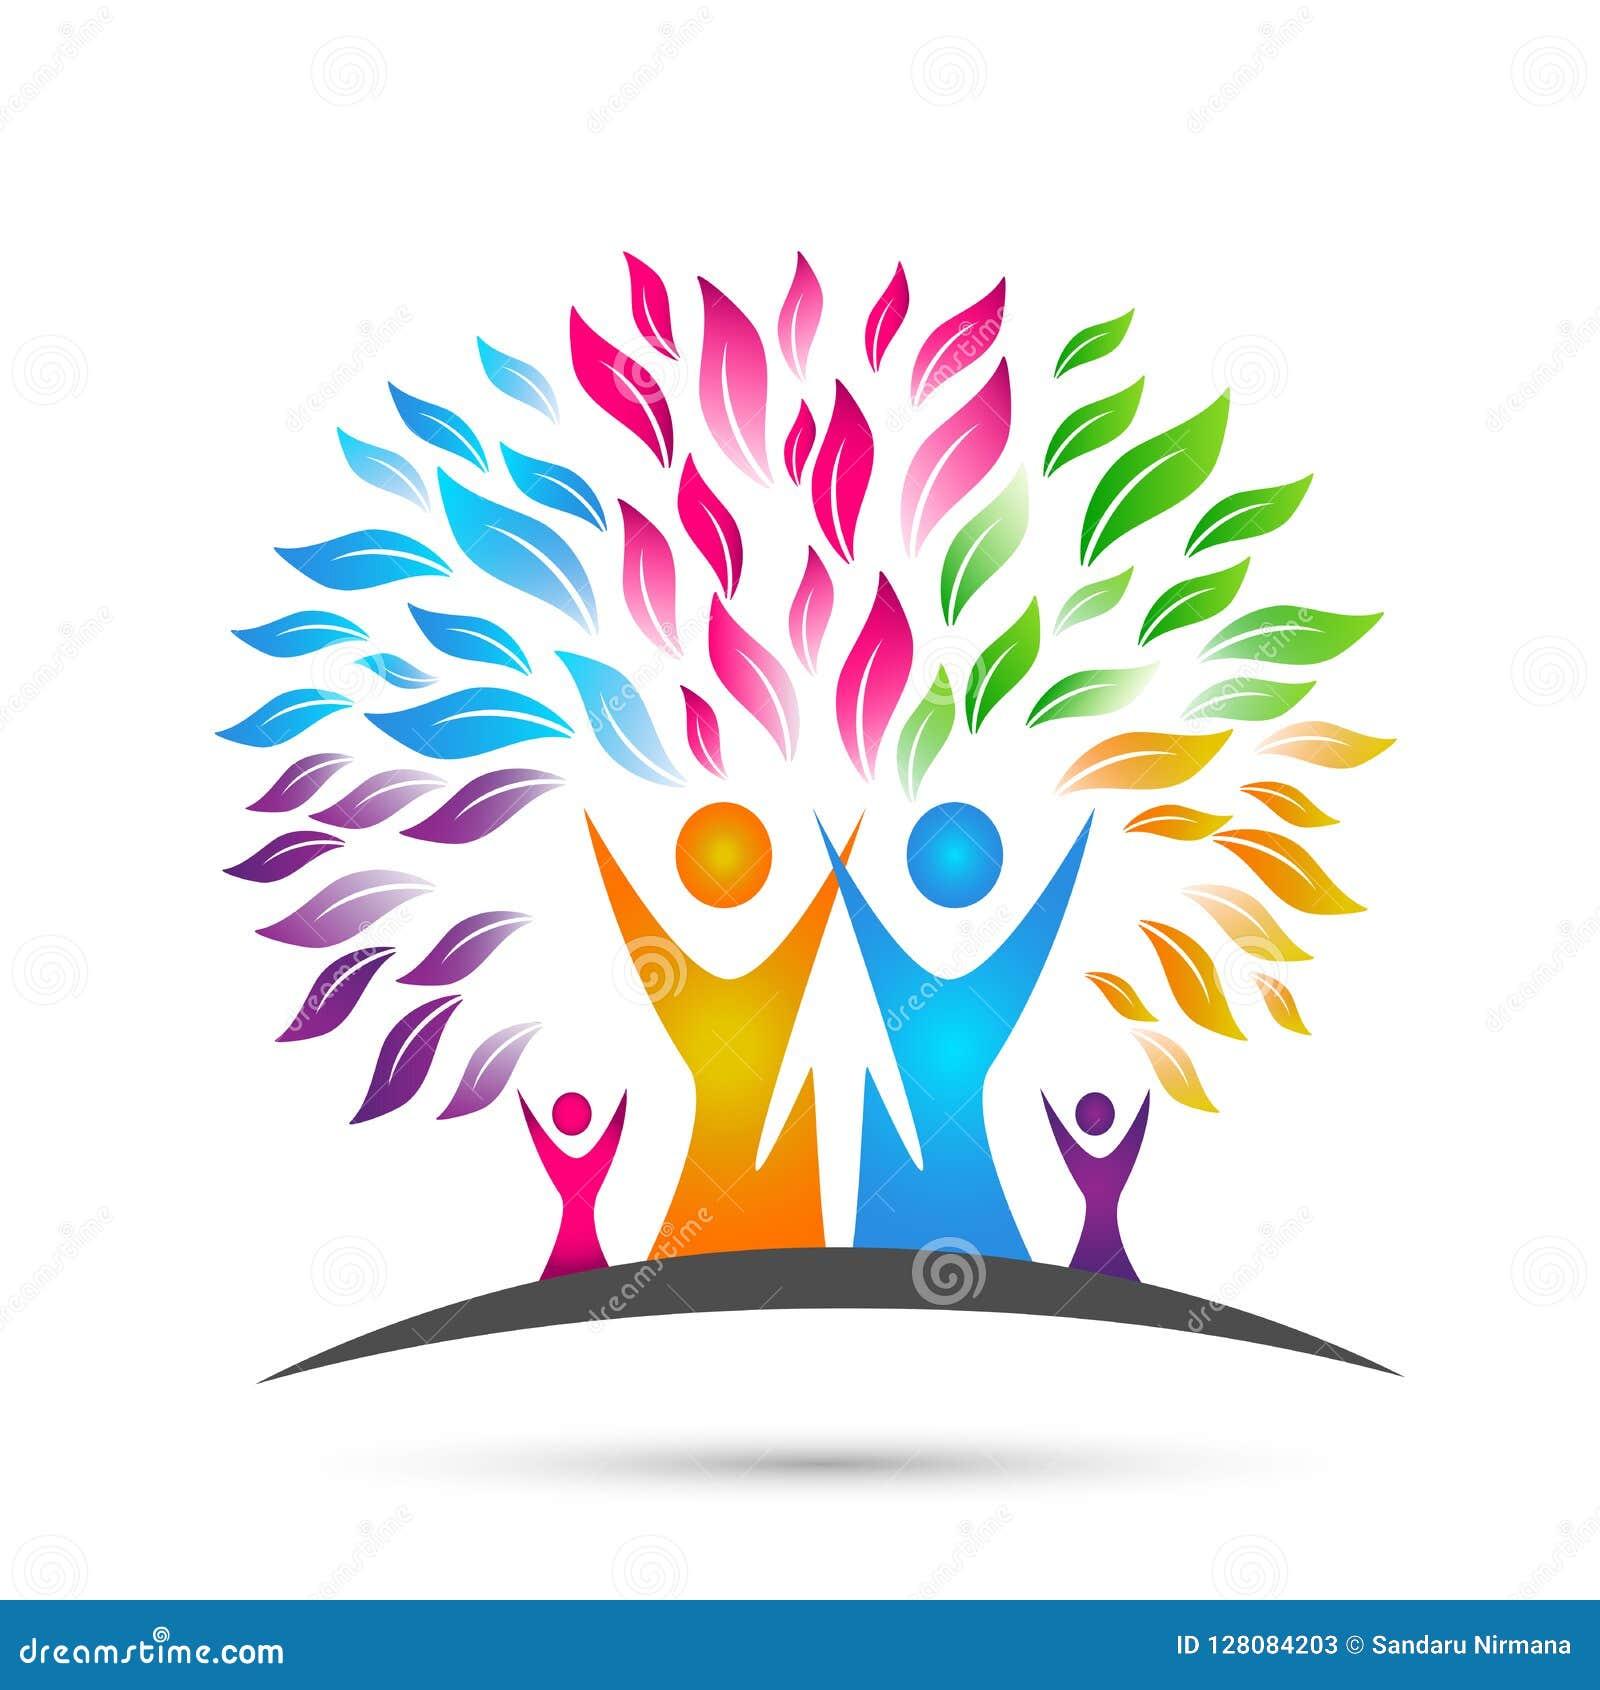 Stammbaumlogo, Familie, Elternteil, Kinder, grüne Liebe, Parenting, Sorgfalt, Symbolikonen-Designvektor auf weißem Hintergrund